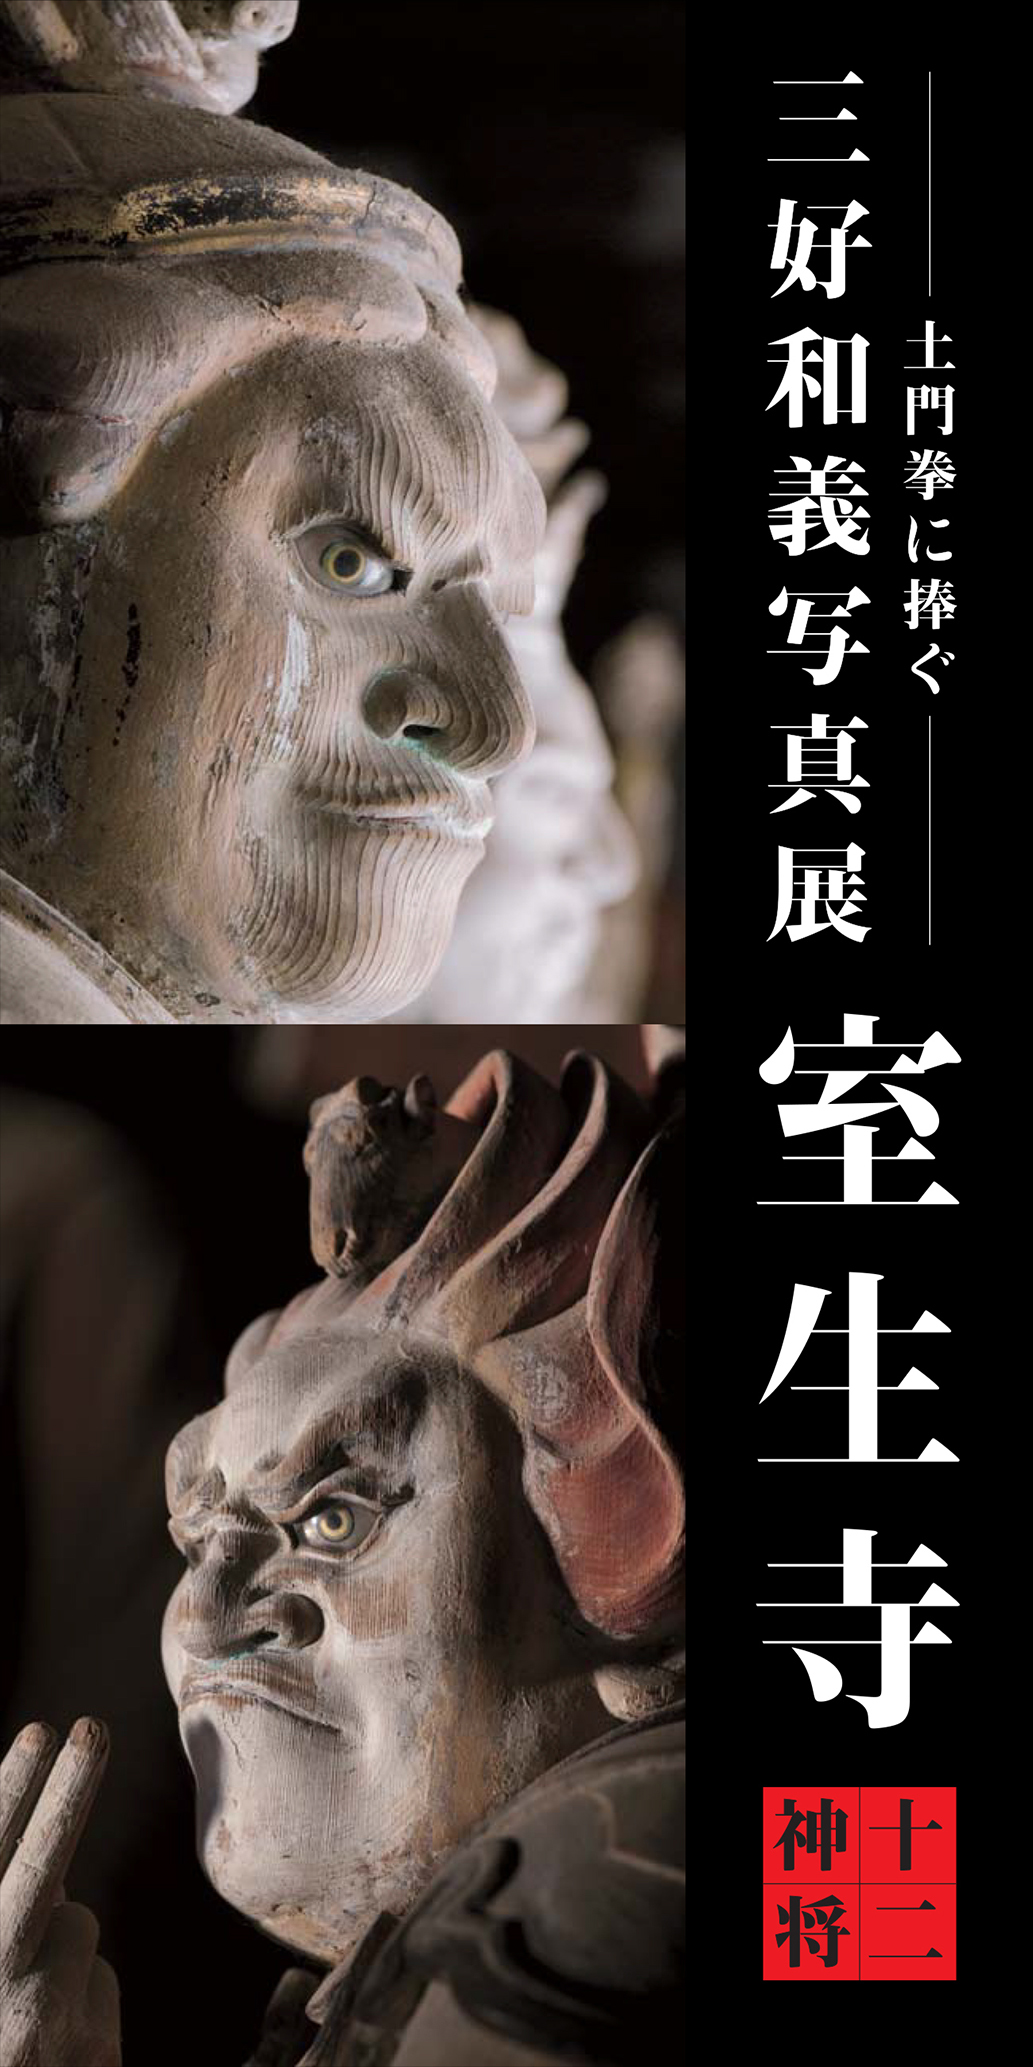 土門拳に捧ぐ―三好和義写真展「室生寺 十二神将」